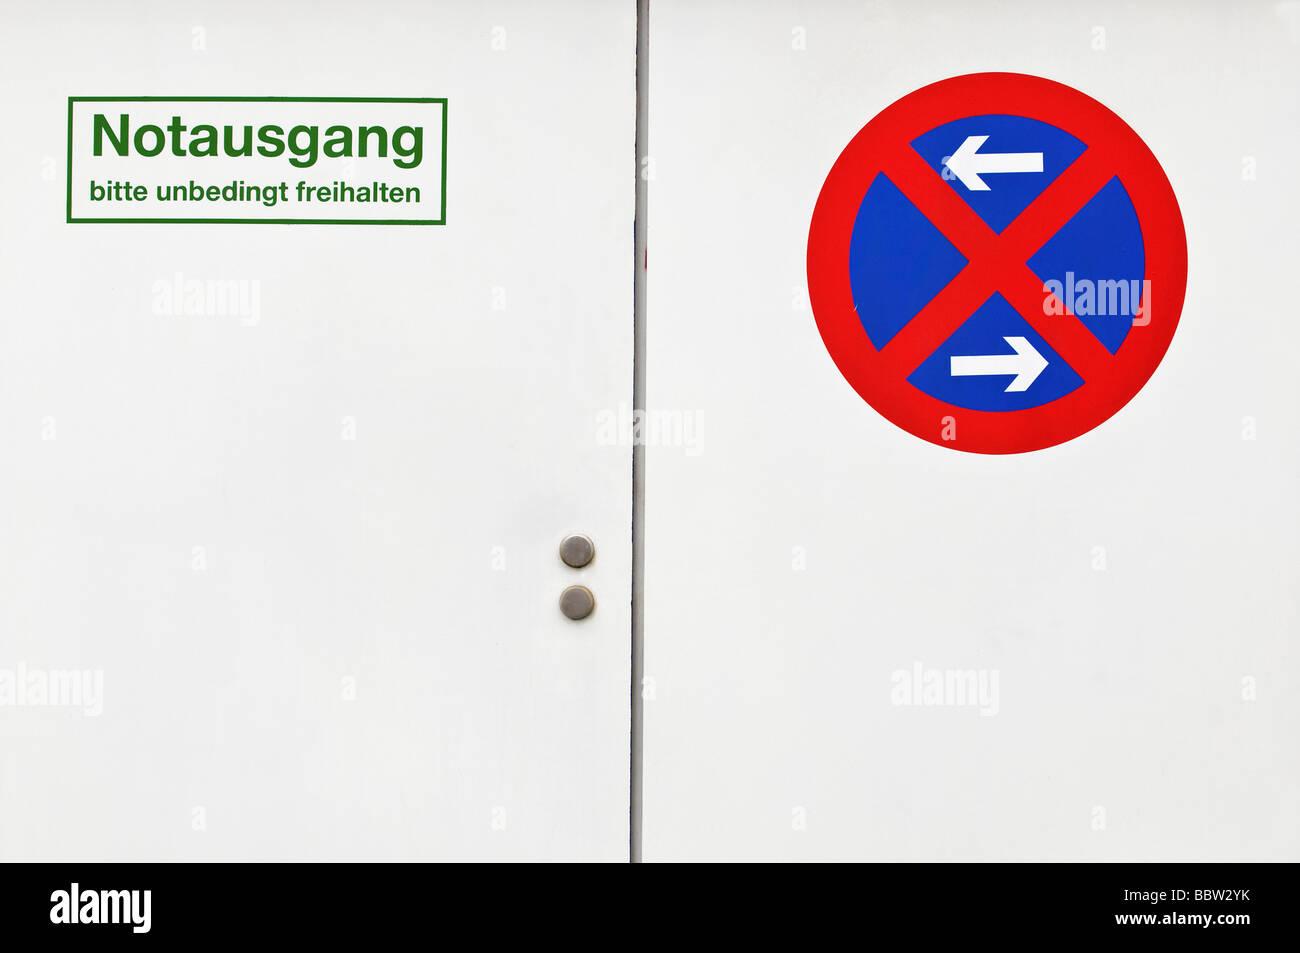 Puerta blanca con señal de salida de emergencia, no bloquear, parar la restricción a la izquierda y derecha Imagen De Stock